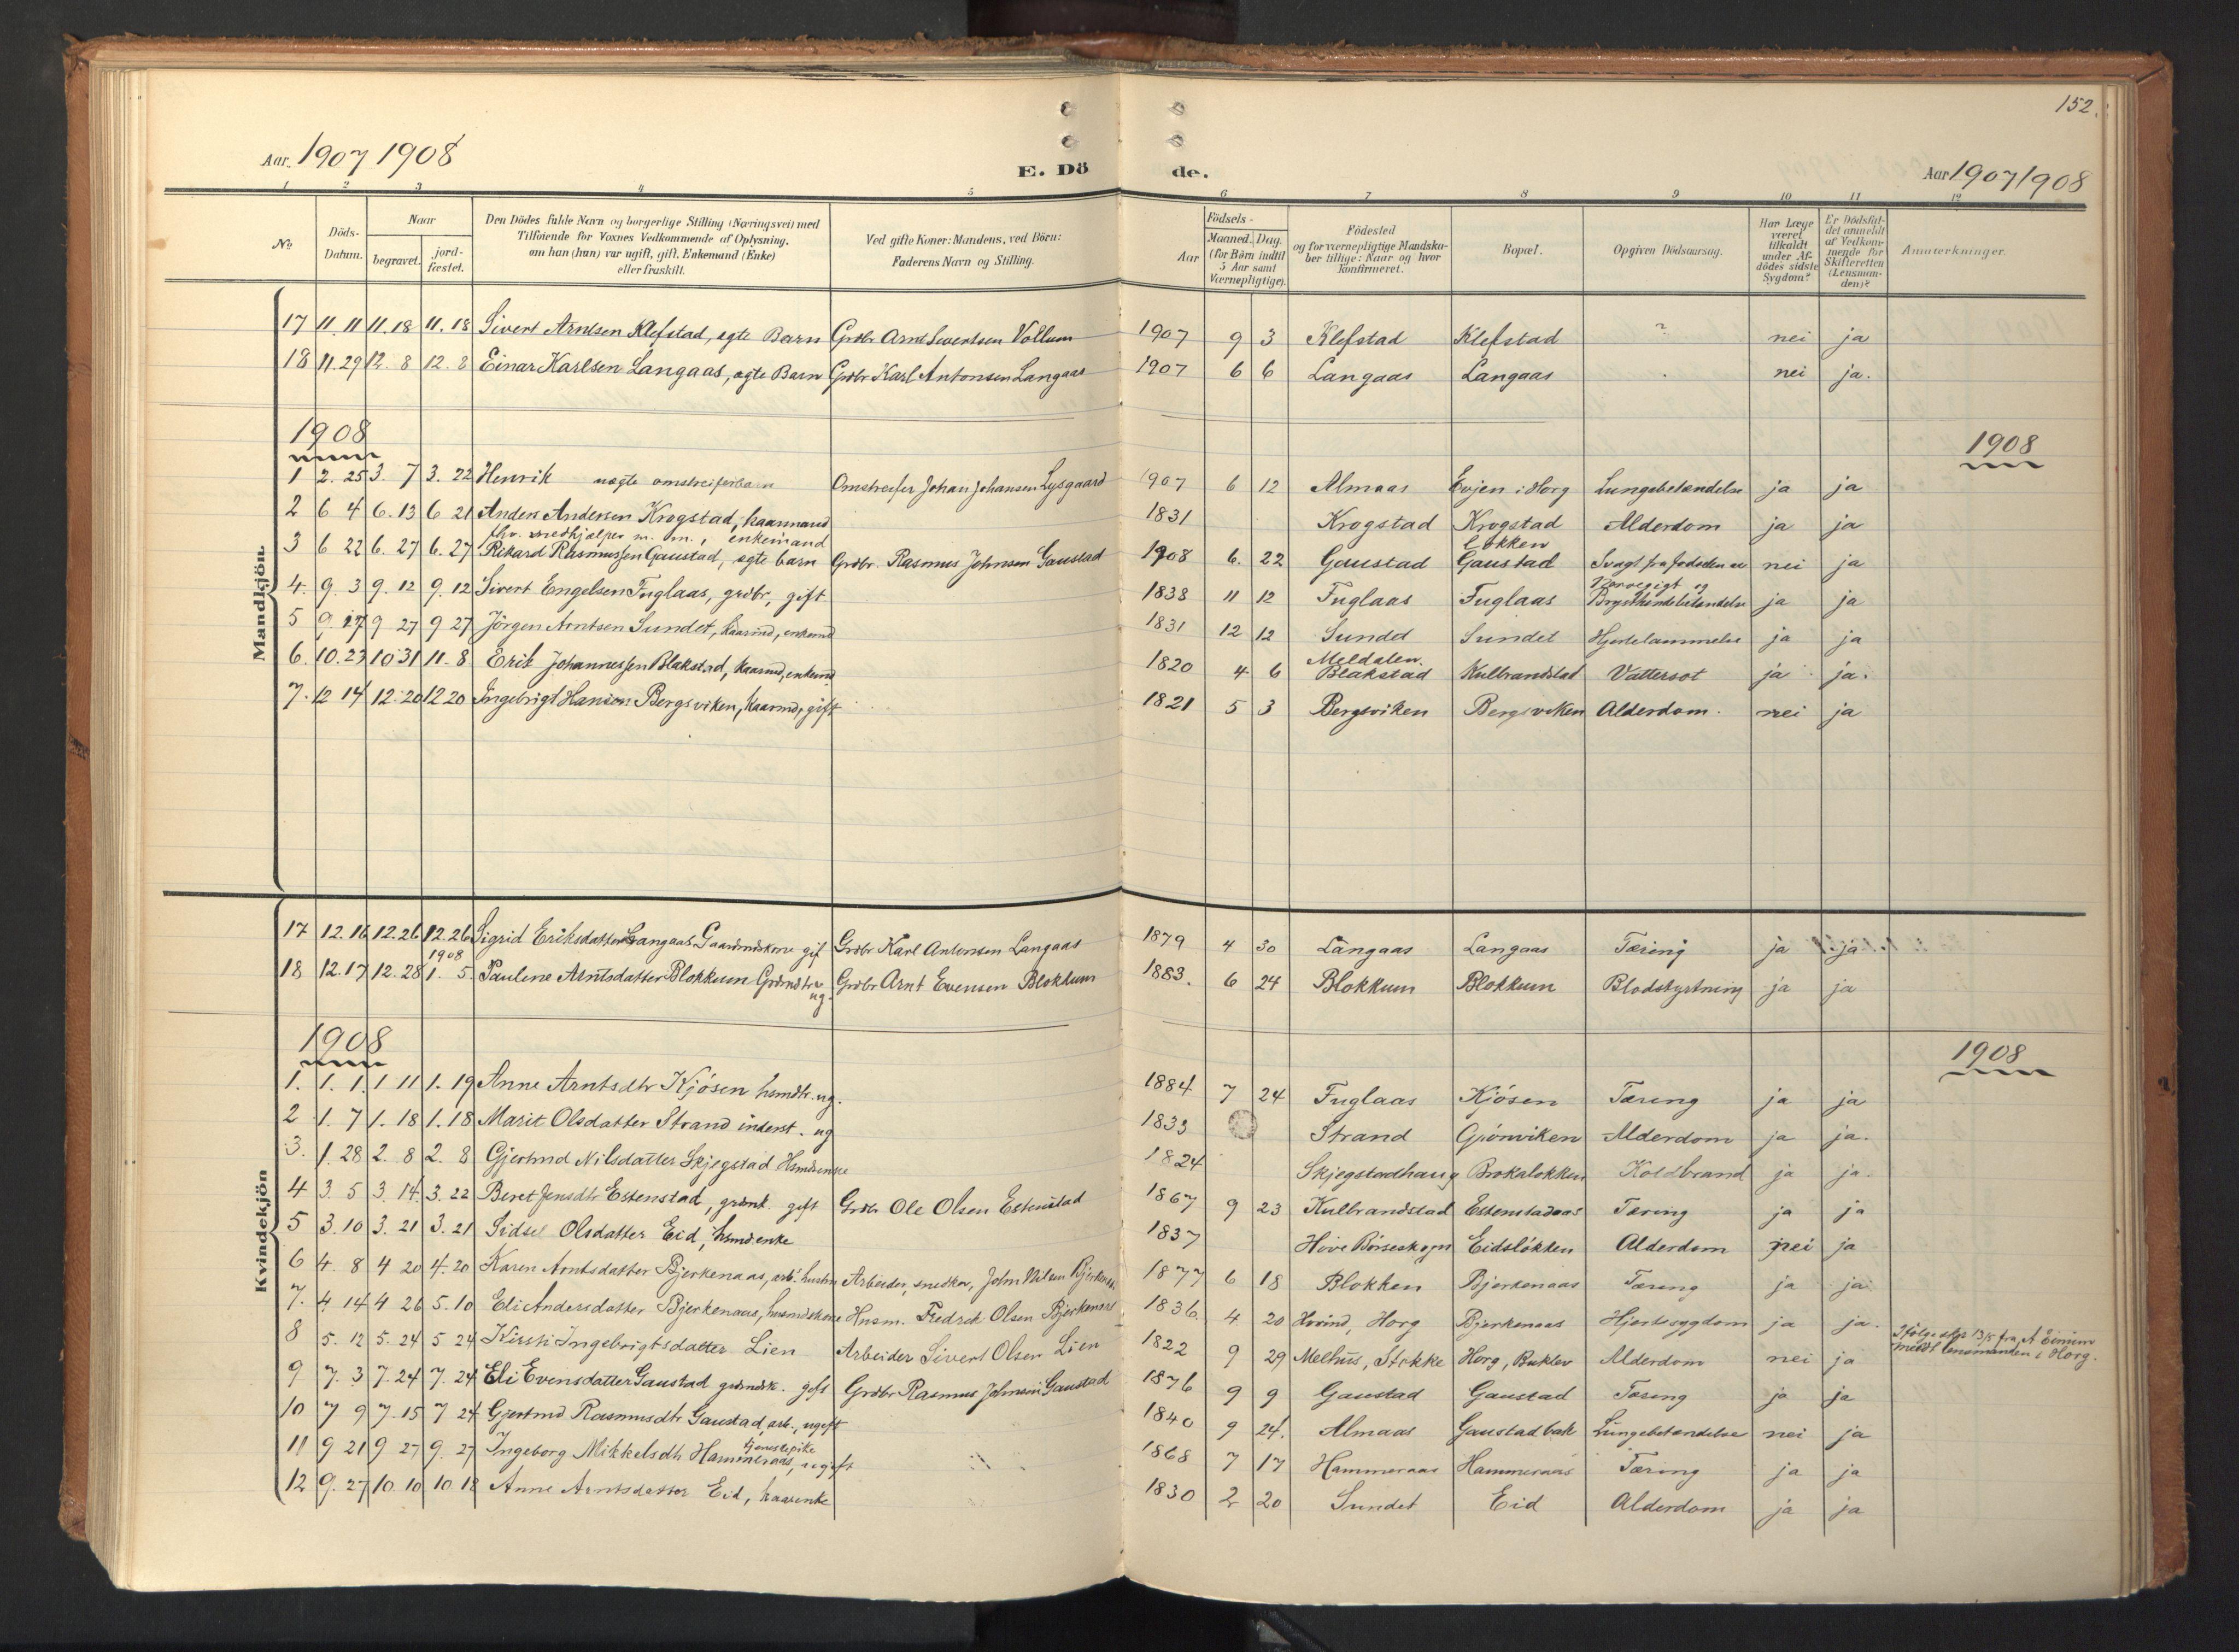 SAT, Ministerialprotokoller, klokkerbøker og fødselsregistre - Sør-Trøndelag, 694/L1128: Ministerialbok nr. 694A02, 1906-1931, s. 152